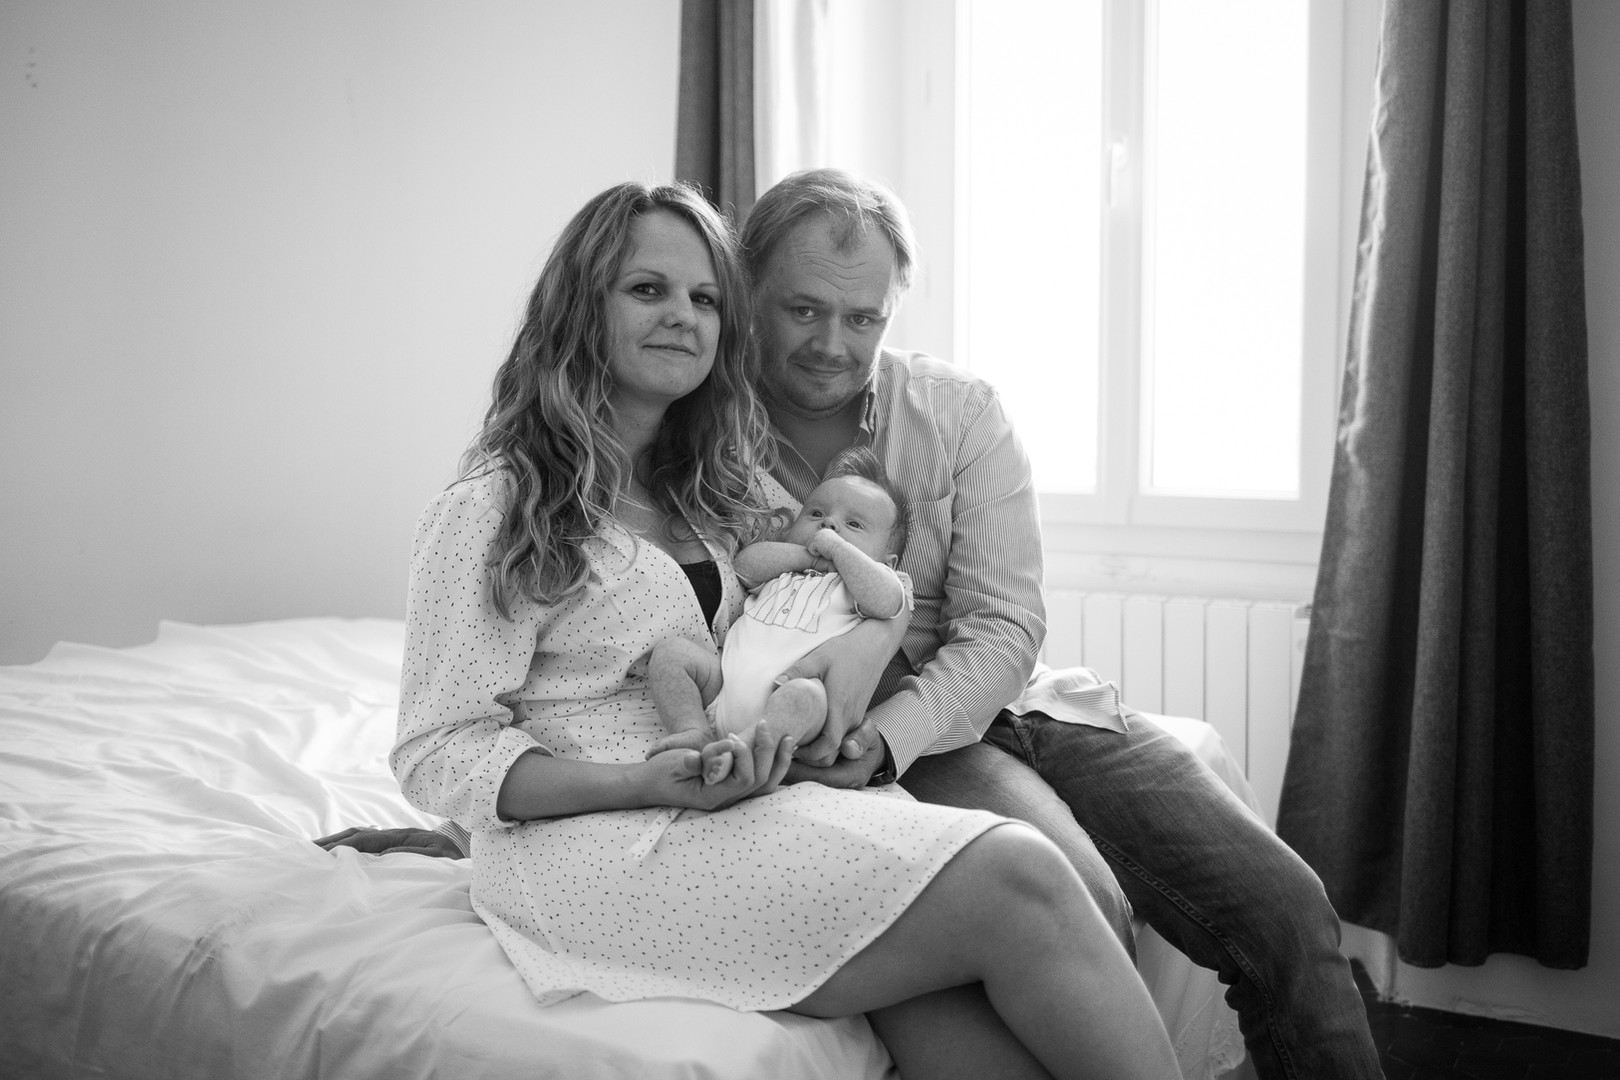 photography photographie nouveau né  baby family love